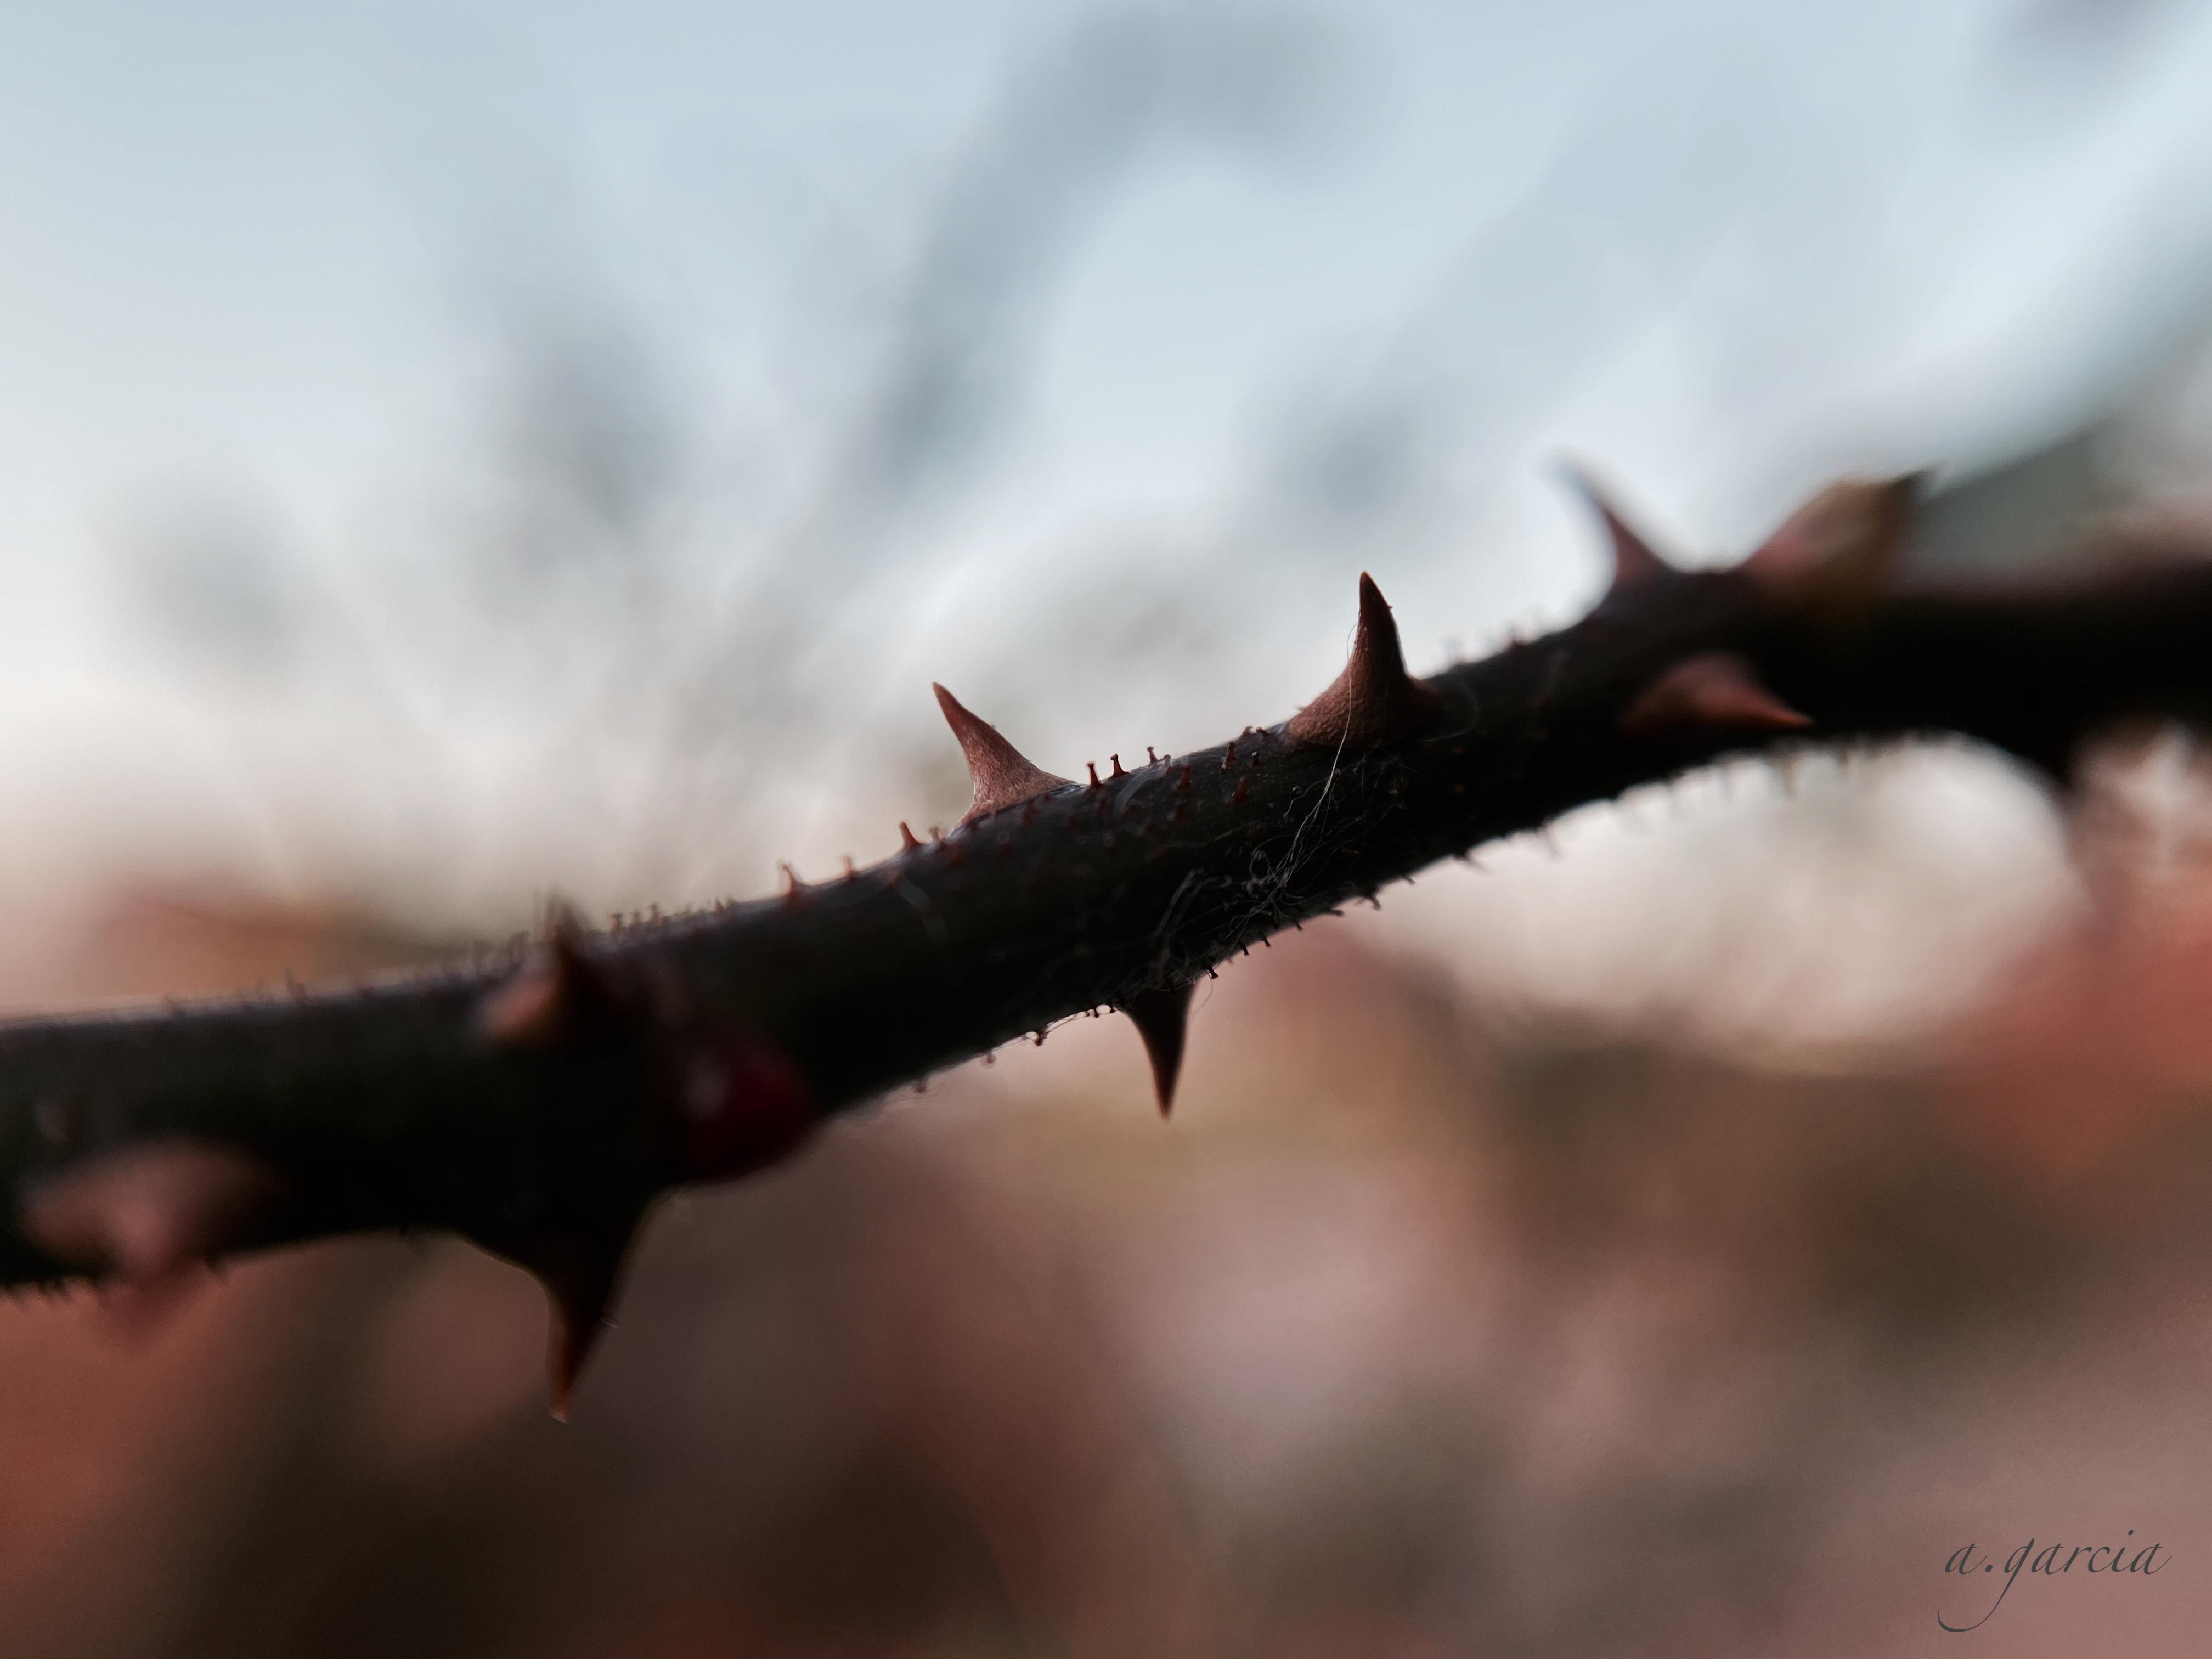 Little Mischief thorns